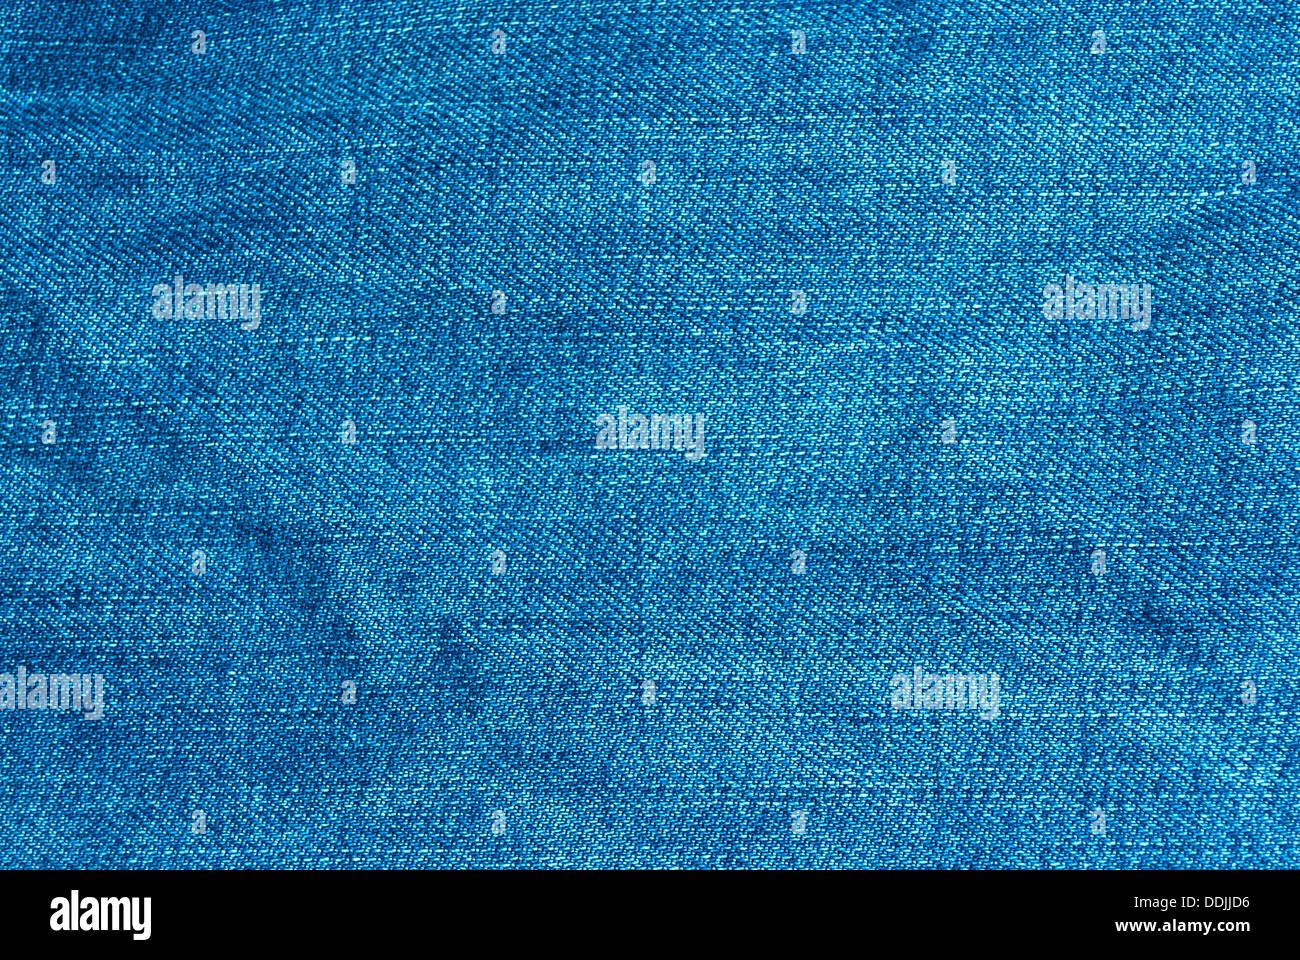 La textura del azul denim macro para el fondo de pantalla y papel tapiz. Imagen De Stock